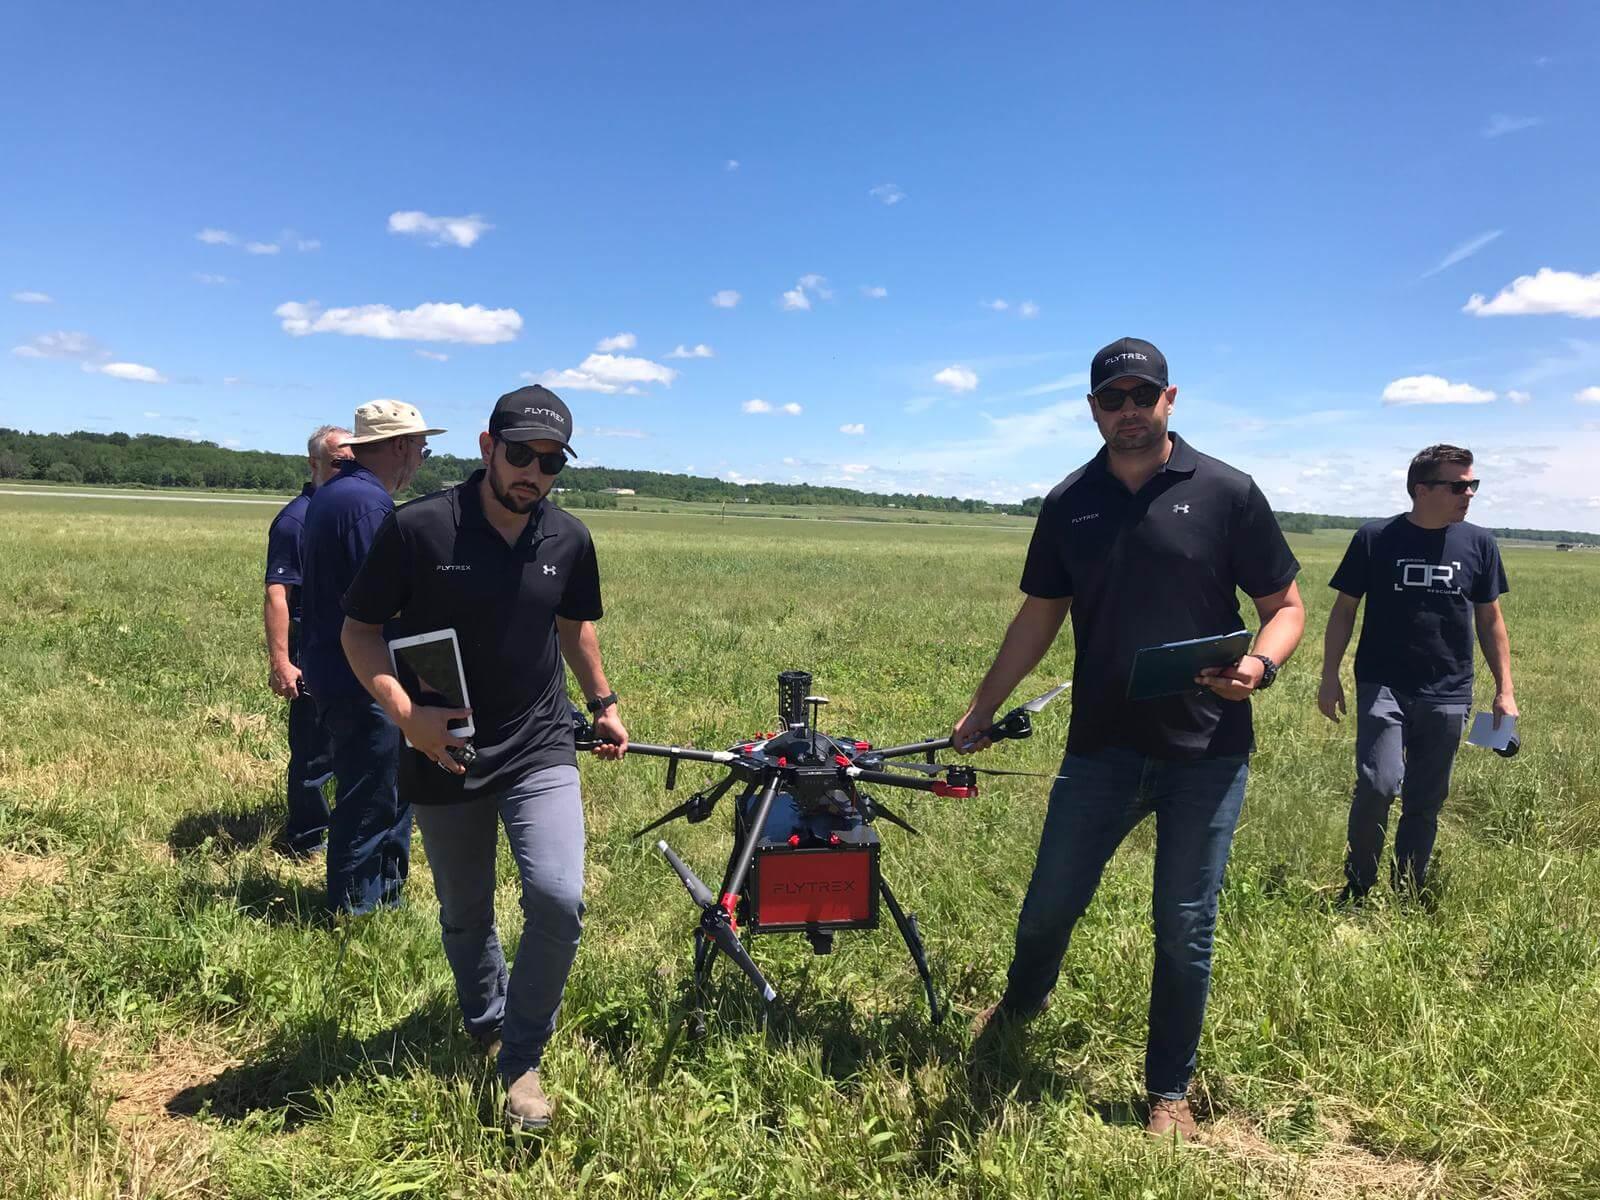 Drone Parachute Testing - Flytrex